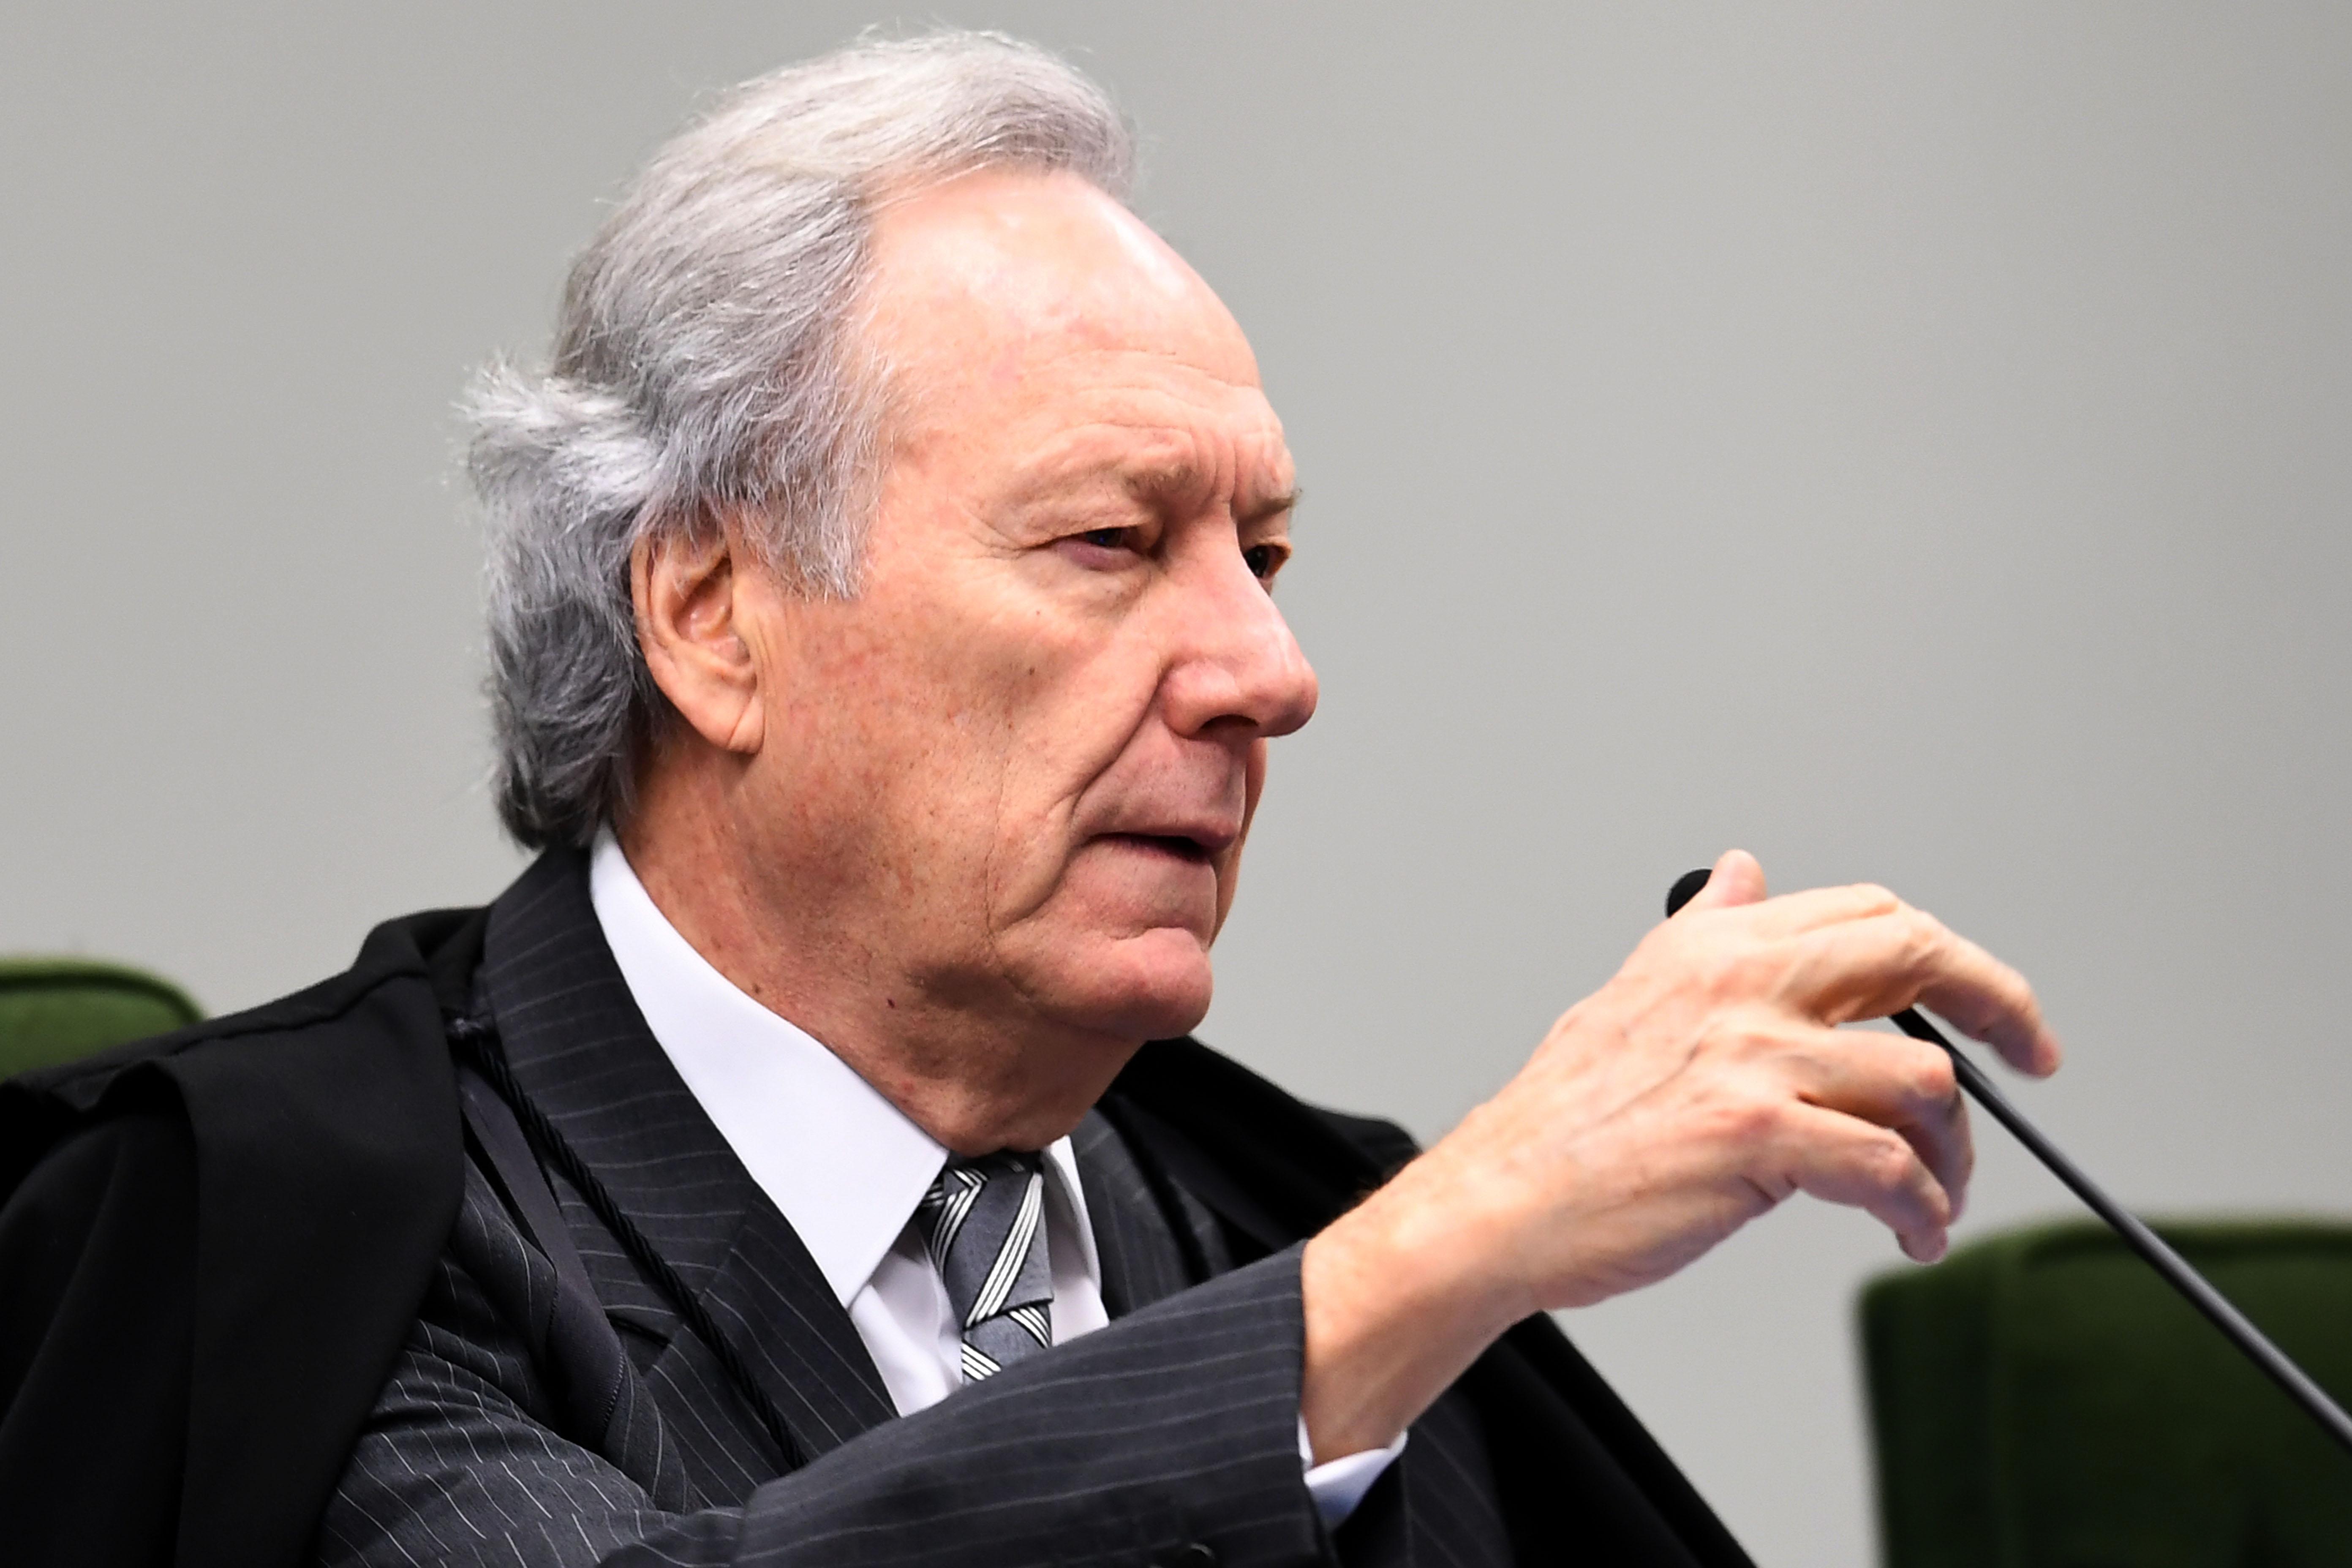 Ministro Ricardo Lewandoski havia concedido liminar em 2018 favorável ao pleito - Créditos: Evaristo Sá/AFP